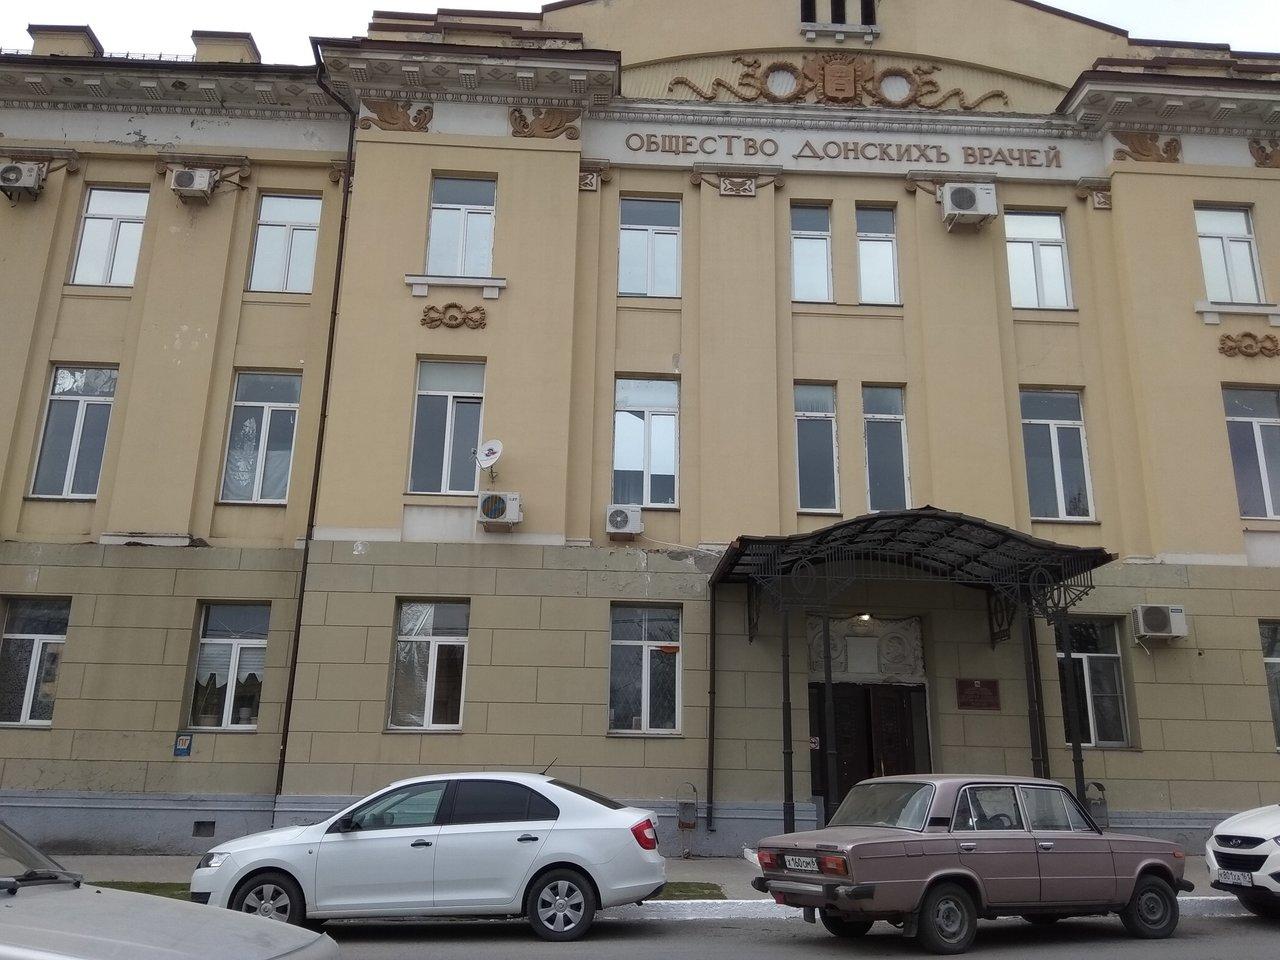 Отделение хирургии Новочеркасской БСМП закрыто на карантин из-за коронавируса